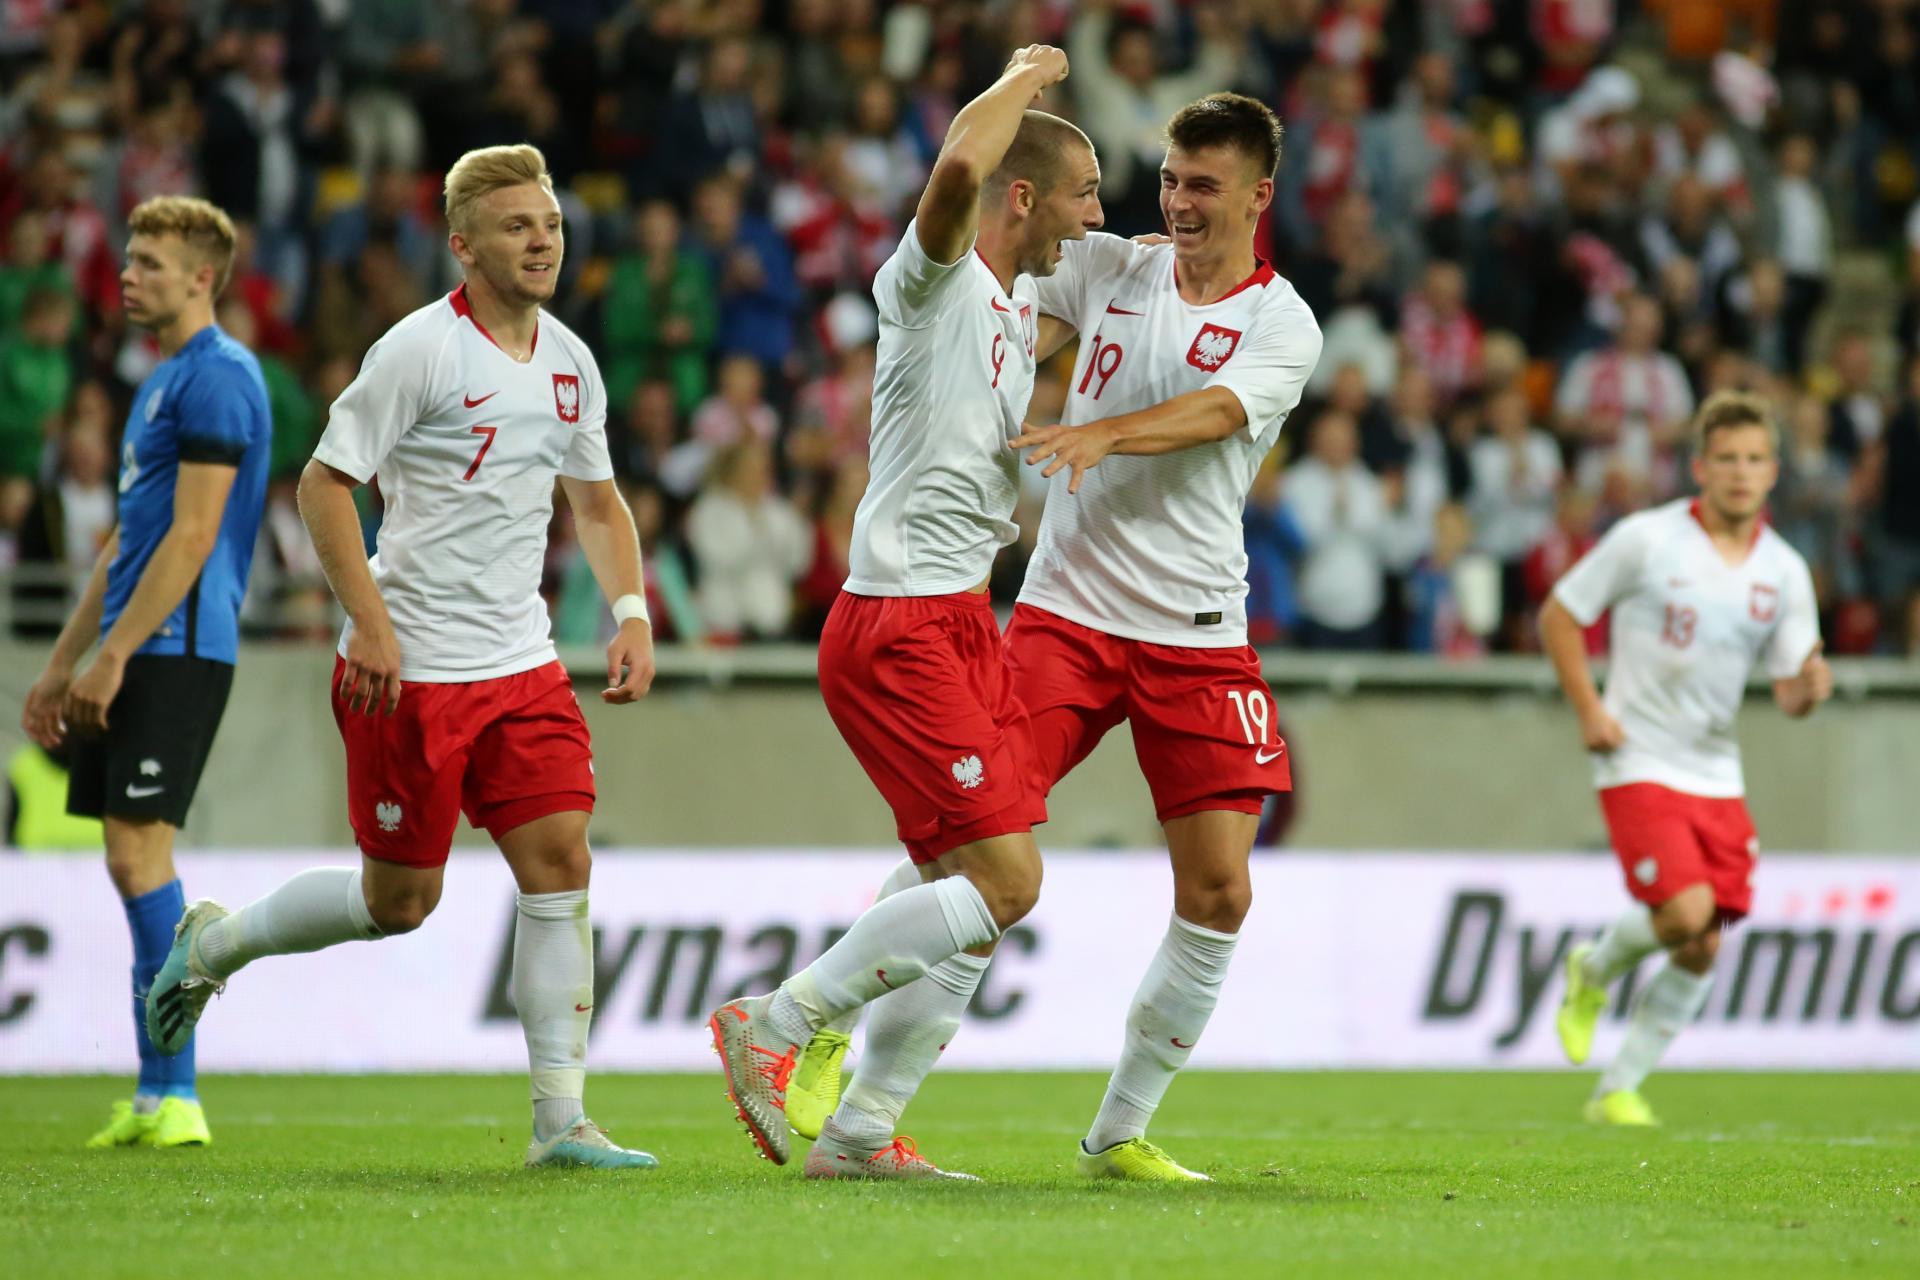 Kamil Jóźwiak (nr 7), Paweł Tomczyk (9) i Karol Fila (19) podczas meczu Polska - Estonia 4:0 w eliminacjach Euro do lat 21 2021 (10.09.2019).